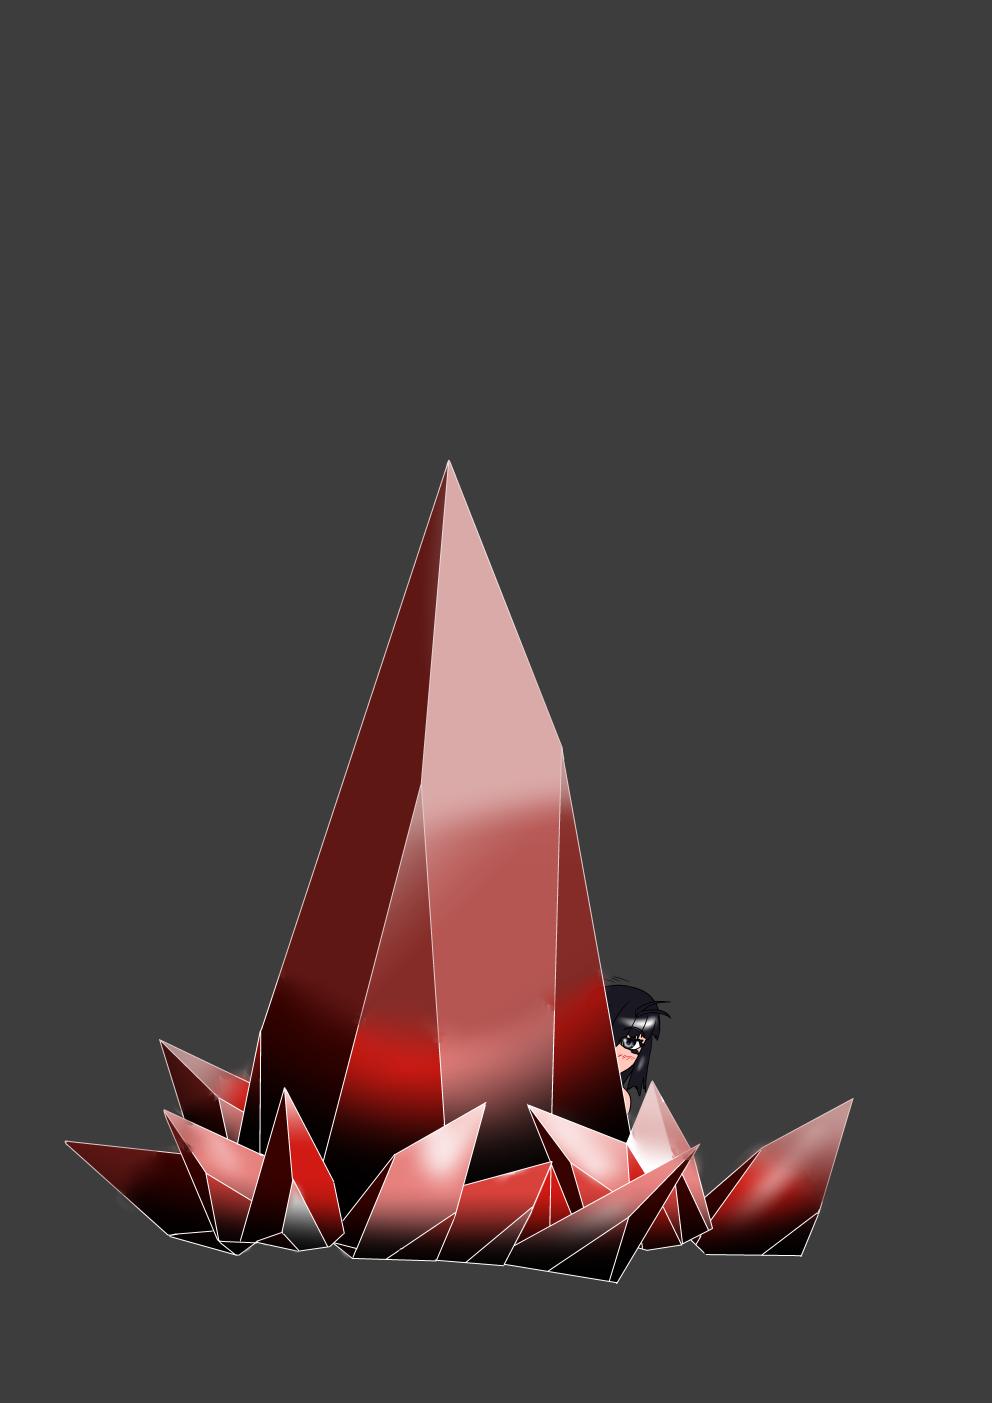 水晶の描き方練習その2(八雲楓)別Ver